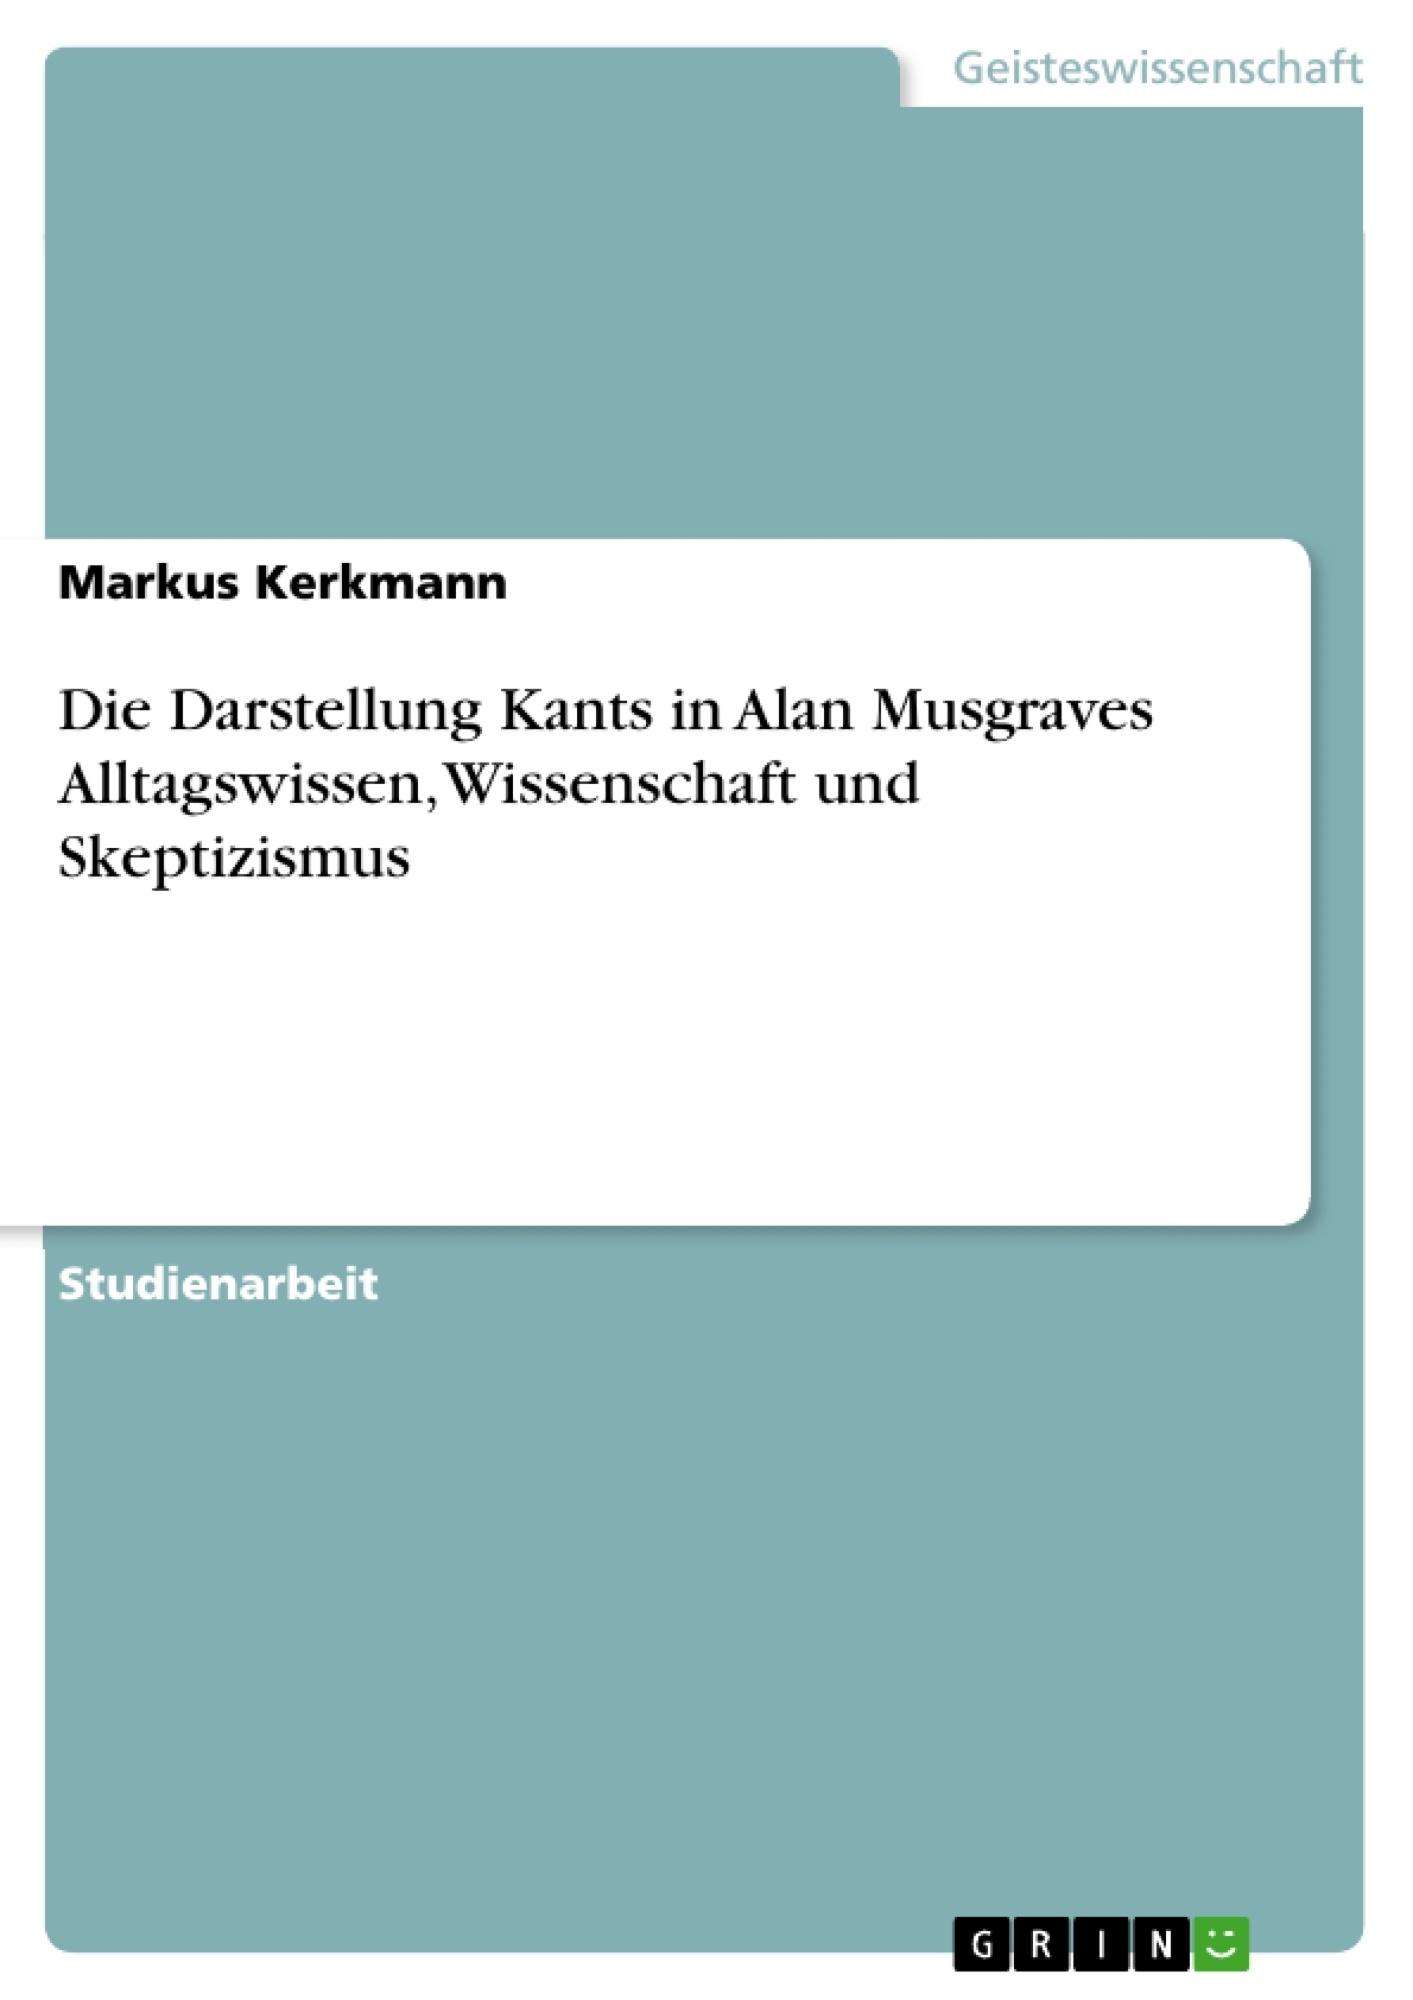 Titel: Die Darstellung Kants in Alan Musgraves Alltagswissen, Wissenschaft und Skeptizismus